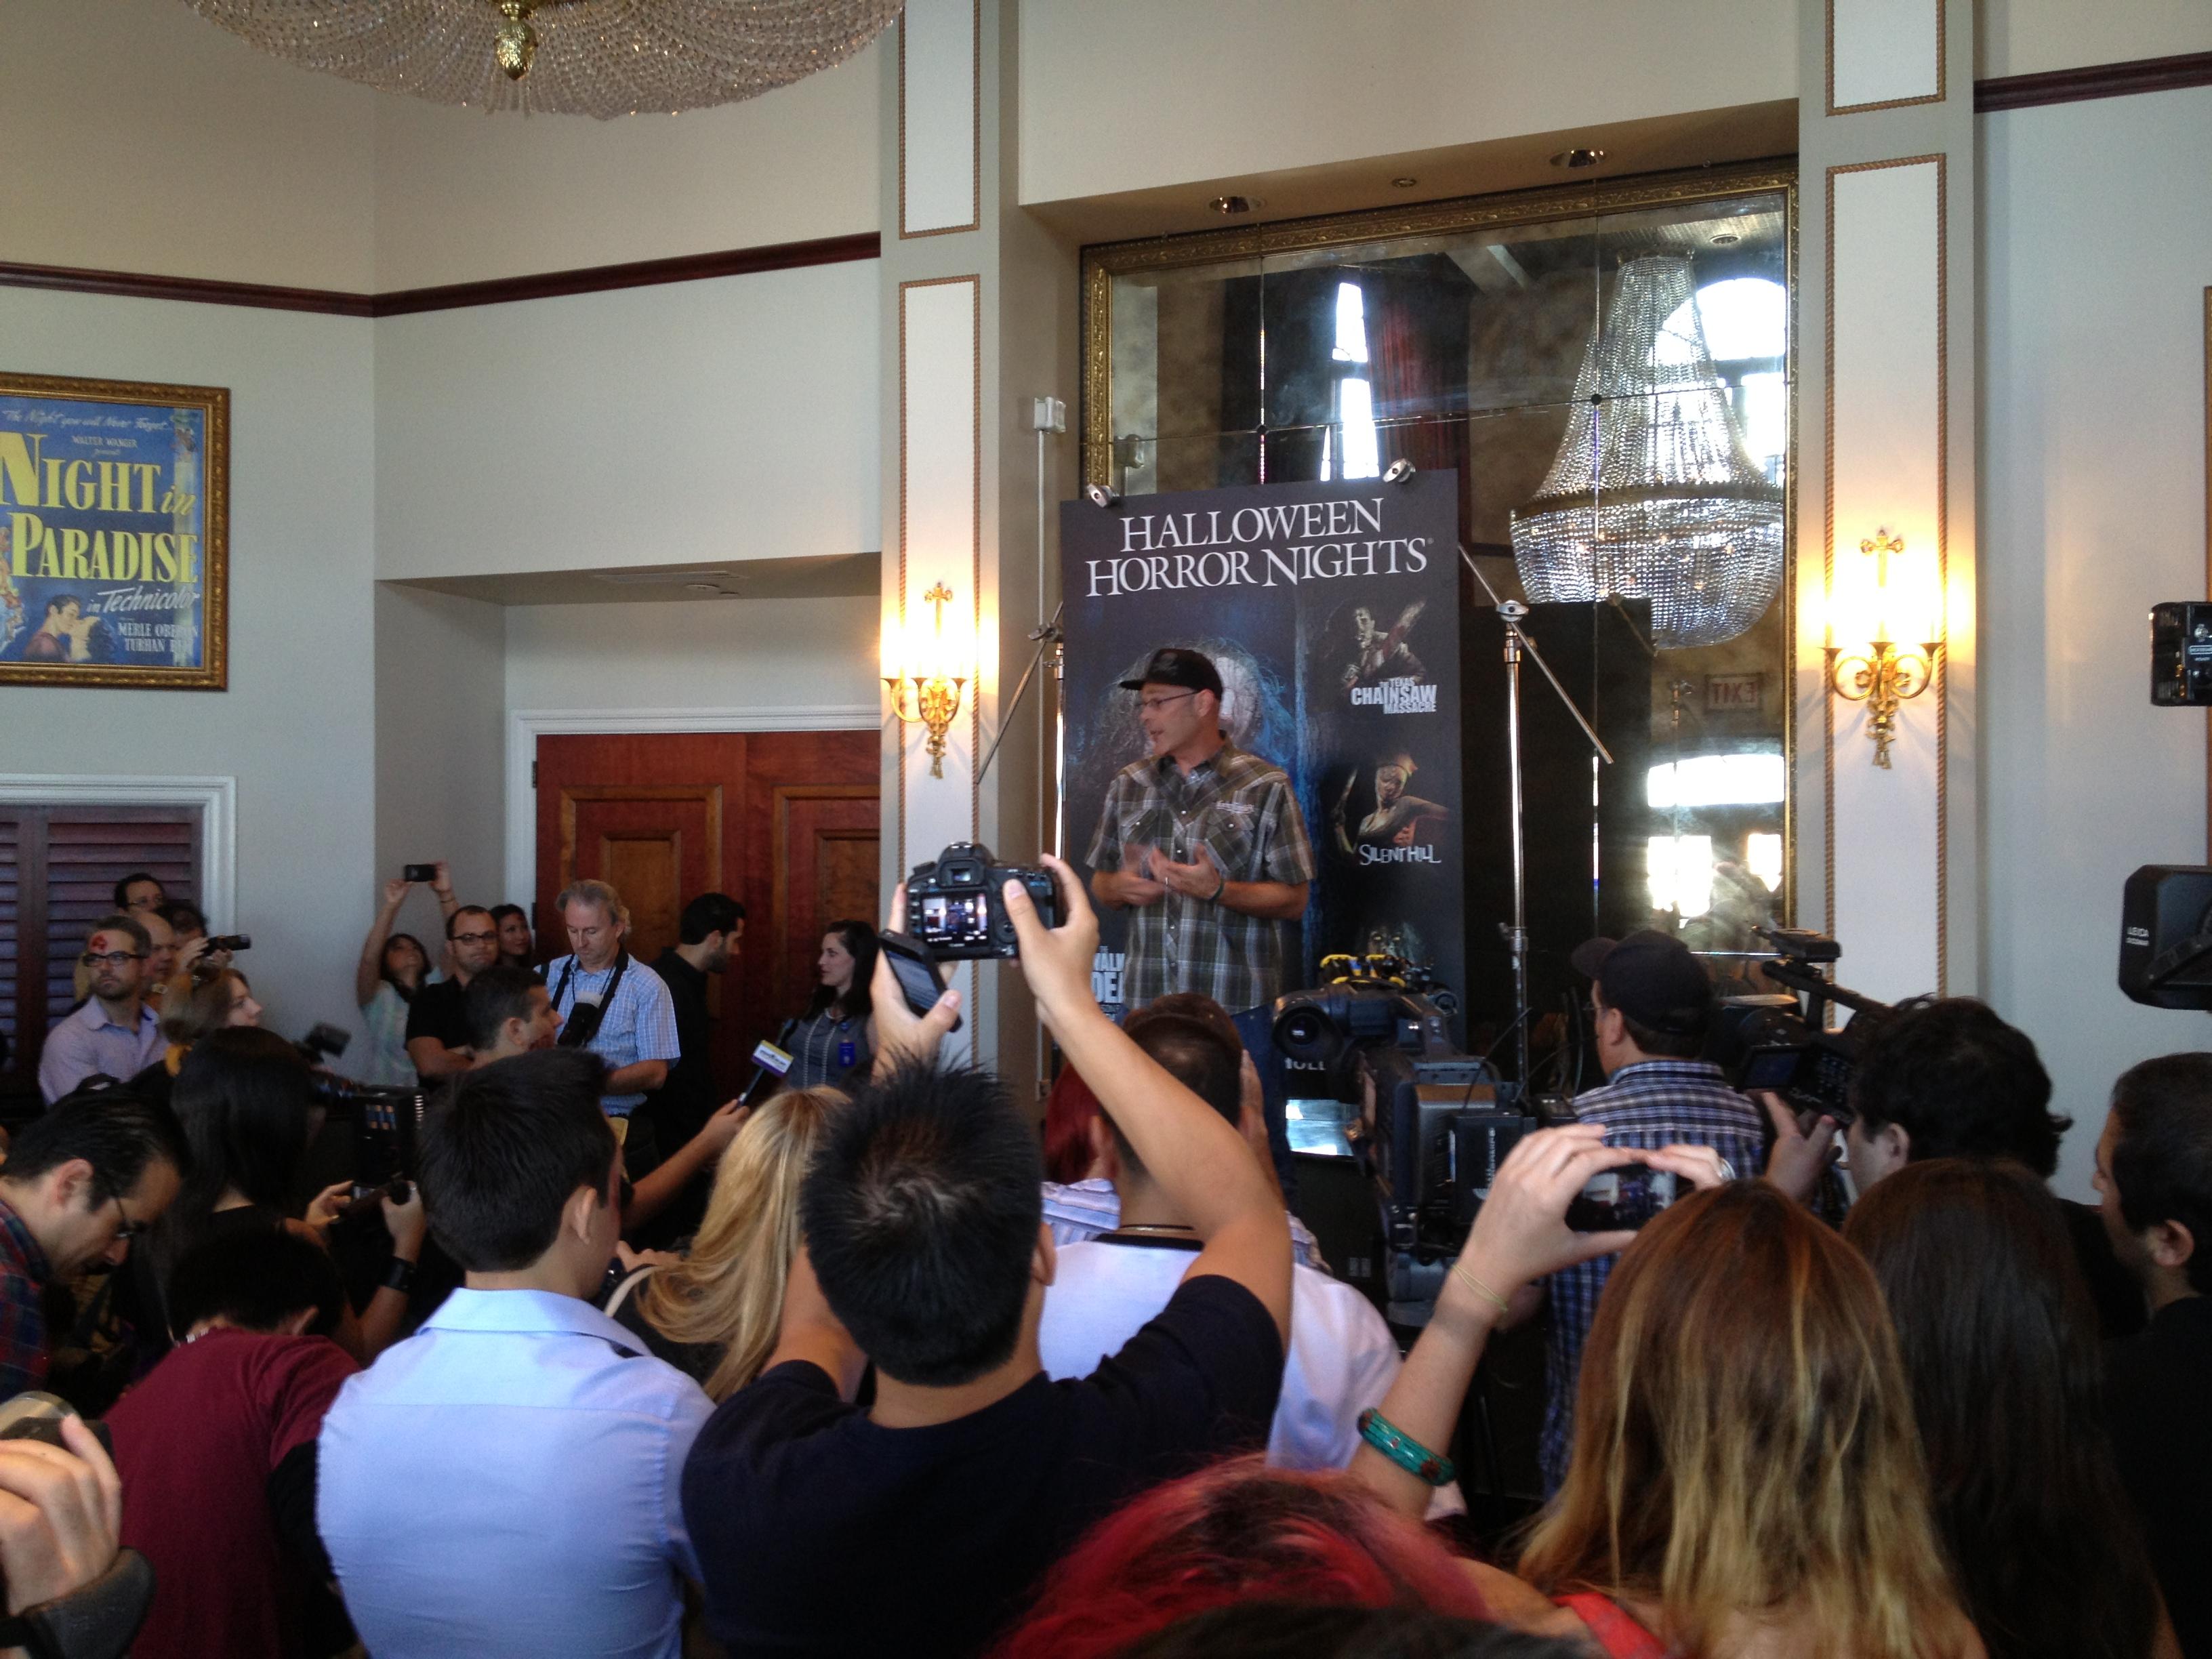 Harry Potter Diagon Alley Universal Studios bet at home zakłady strategii finansowej bet at home pobieranie finansowa snajper Orlando